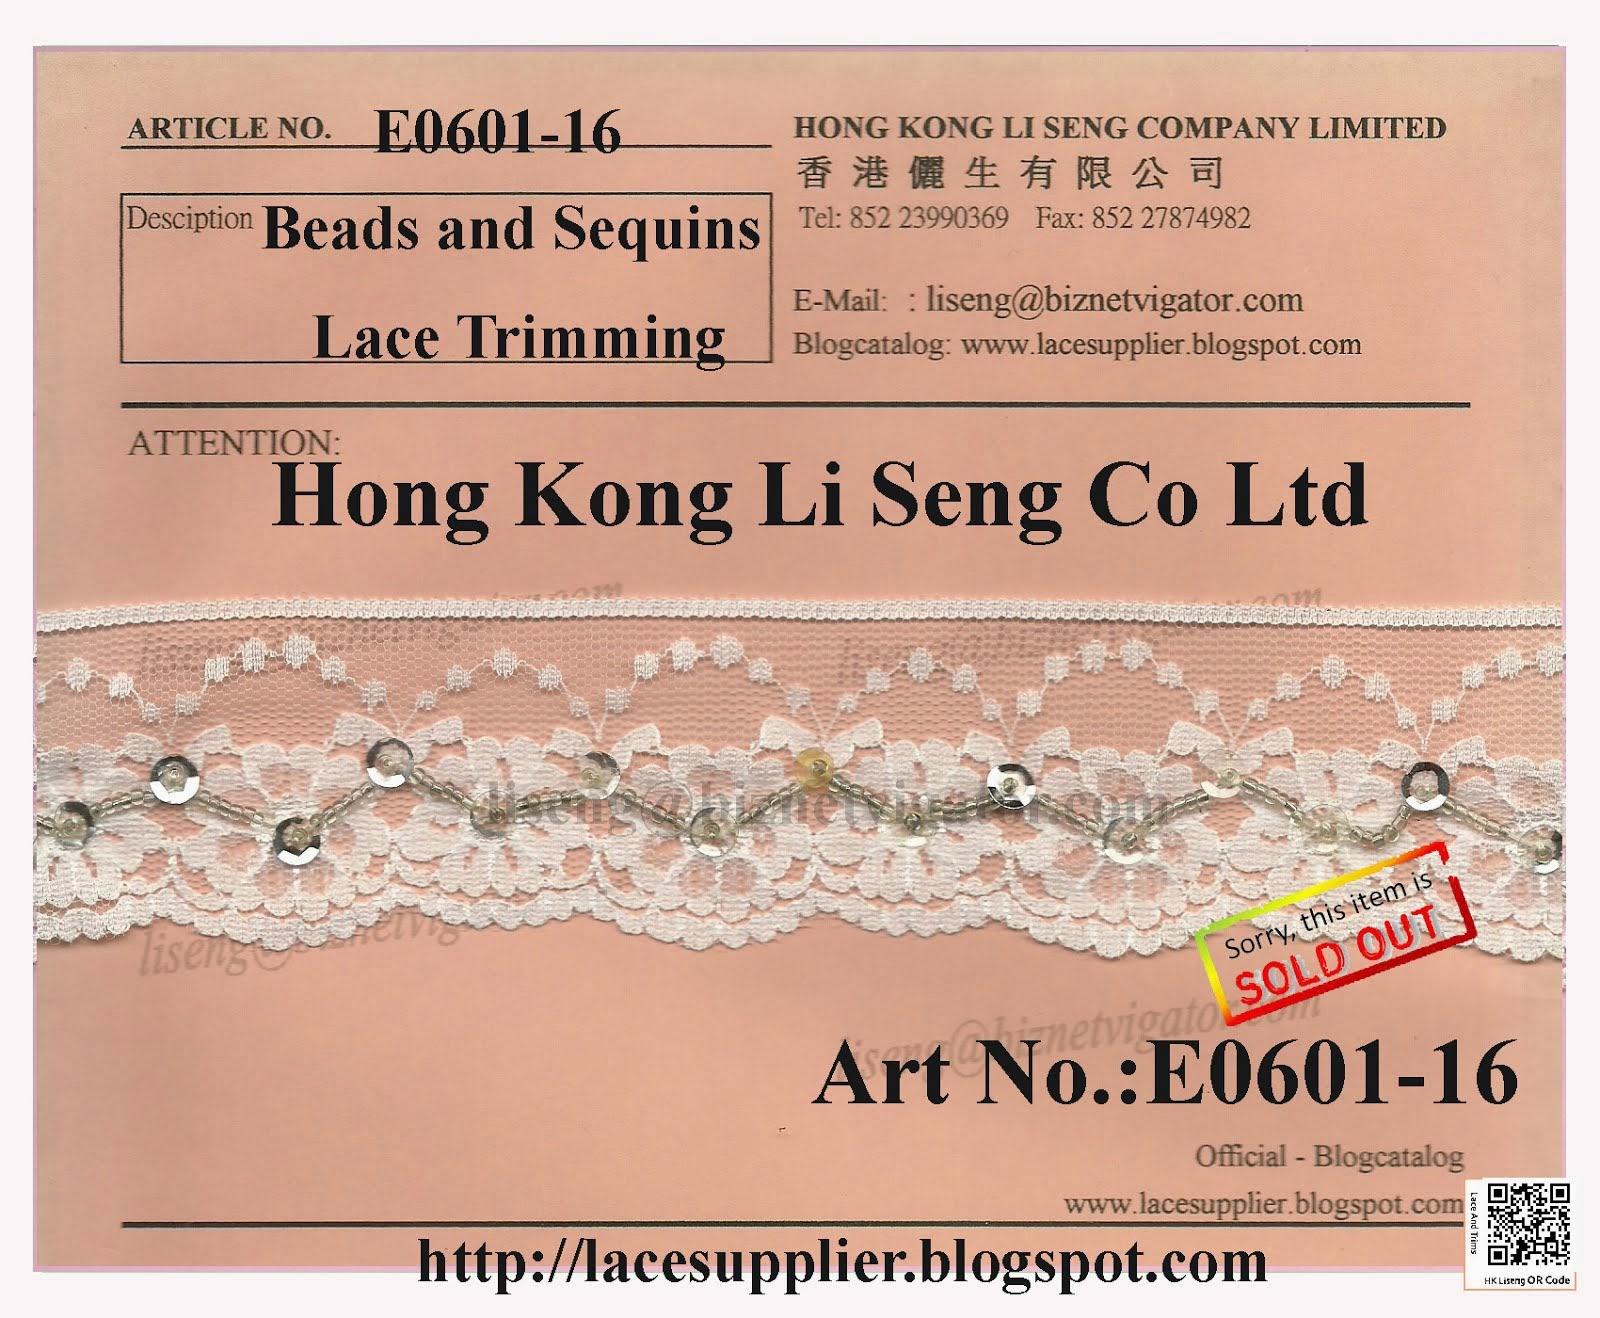 Beads and Sequins Lace Trims Manufacturer - Hong Kong Li Seng Co Ltd